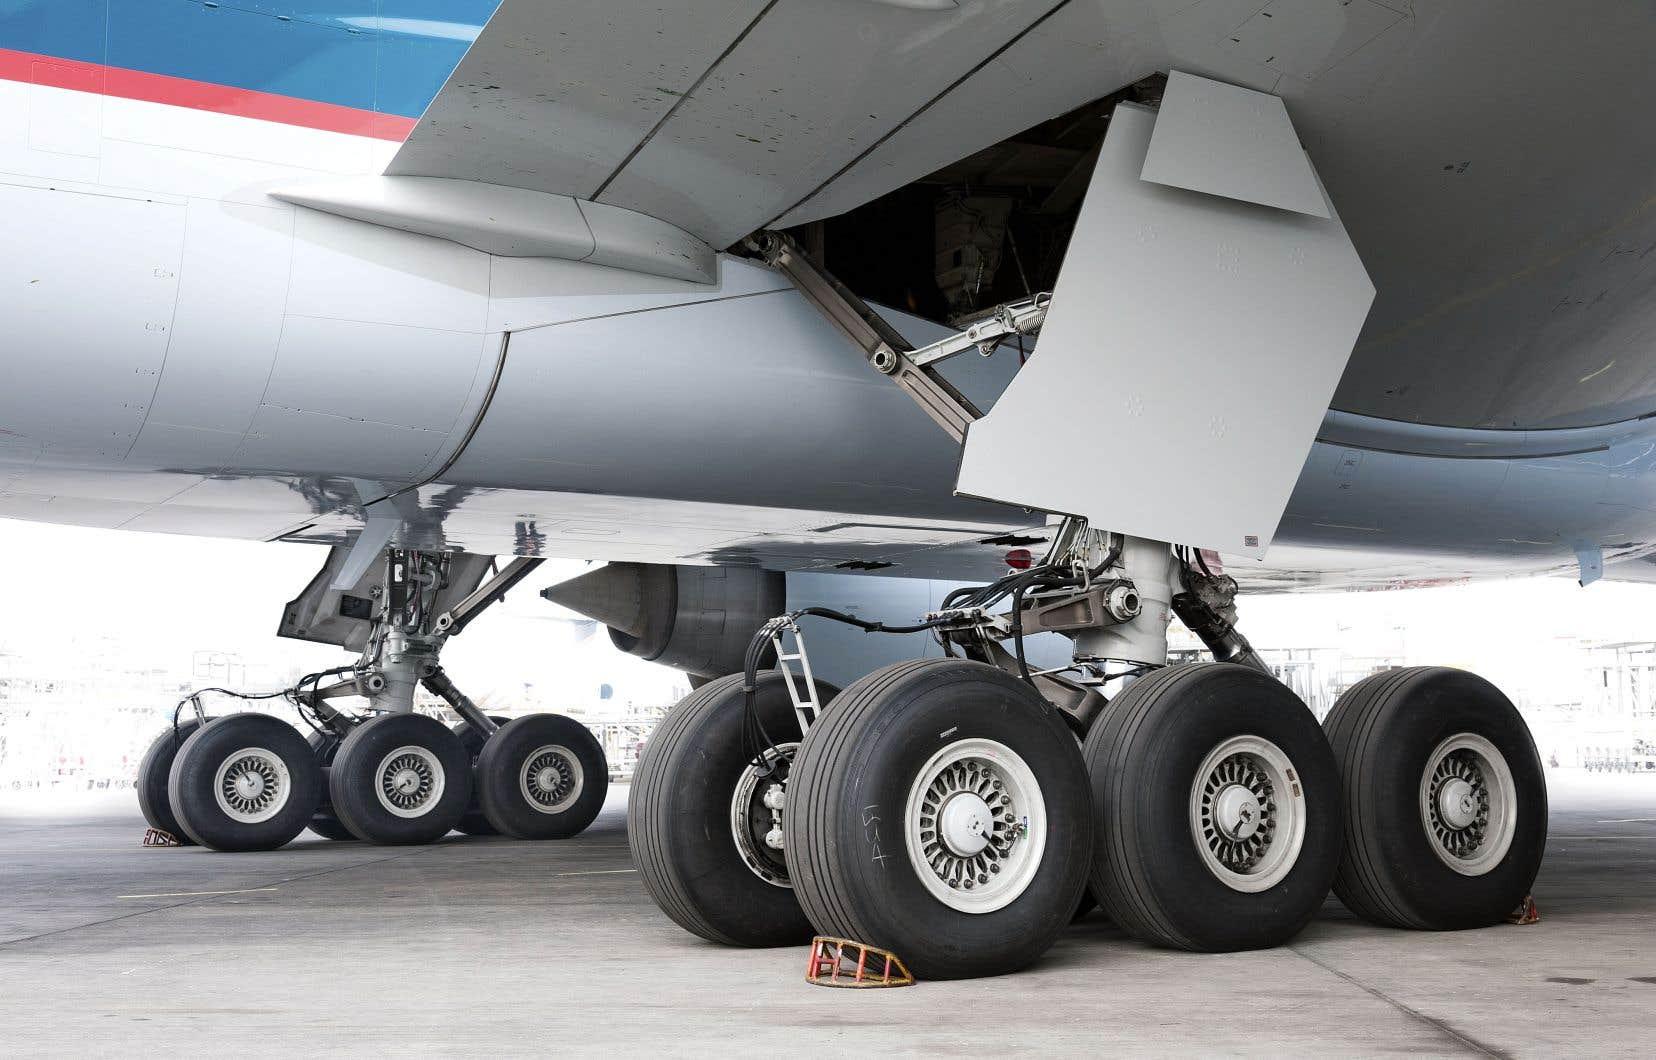 Il y a un peu plus d'un an, l'entreprise avait été secouée à la Bourse de Toronto après avoir annoncé que son contrat avec l'armée de l'air américaine n'avait pas été renouvelé.